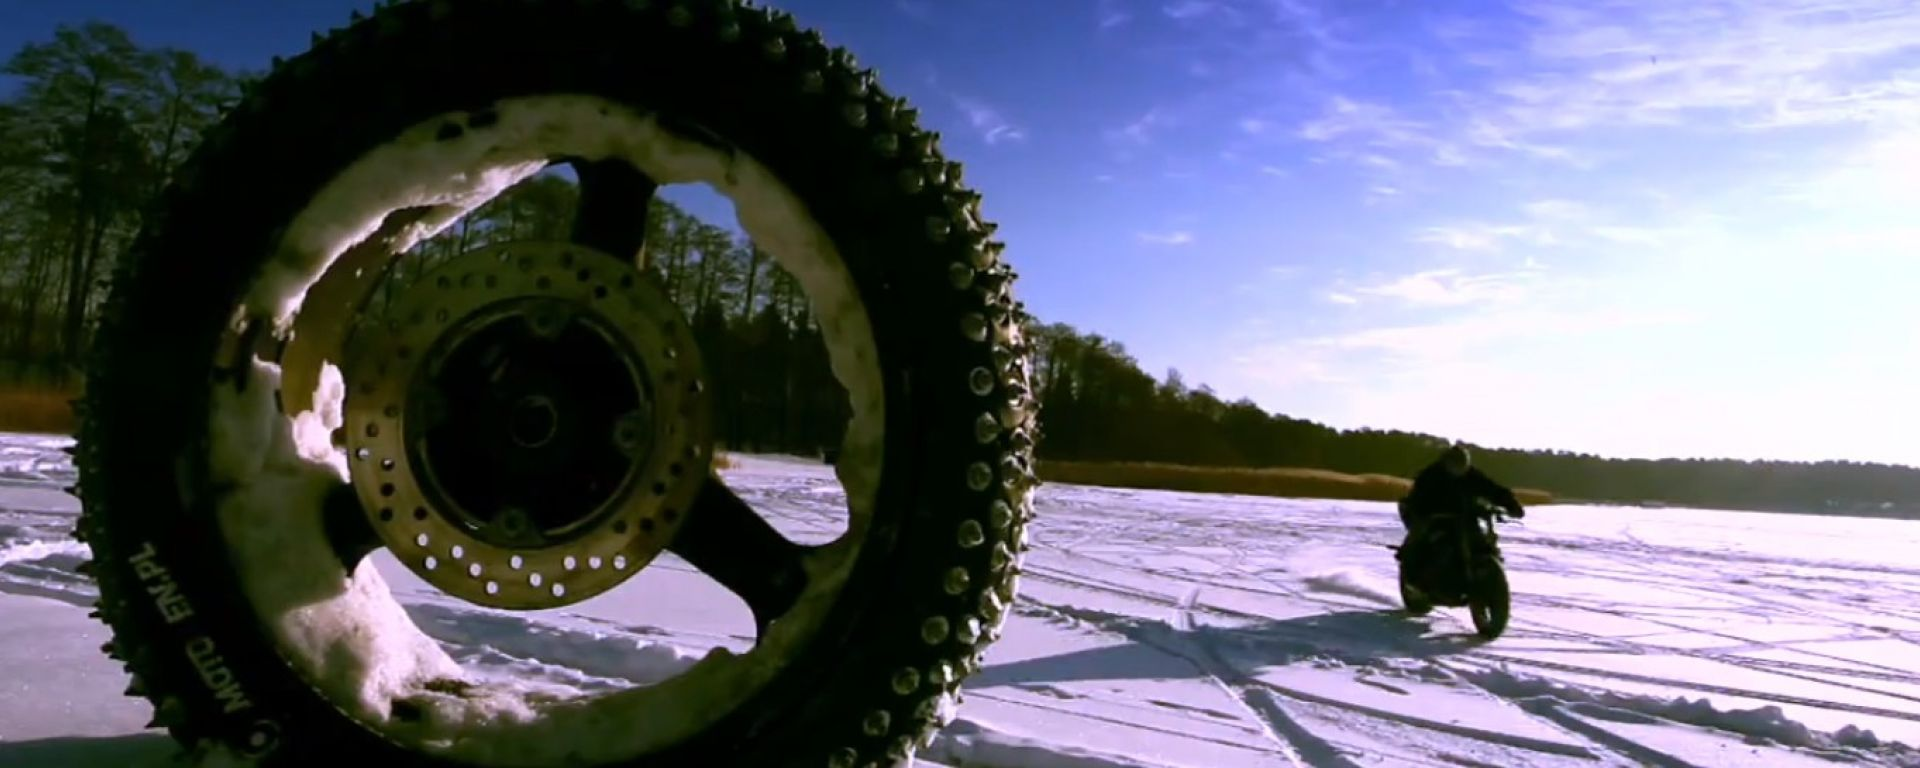 Moto e neve: dura lex sed lex